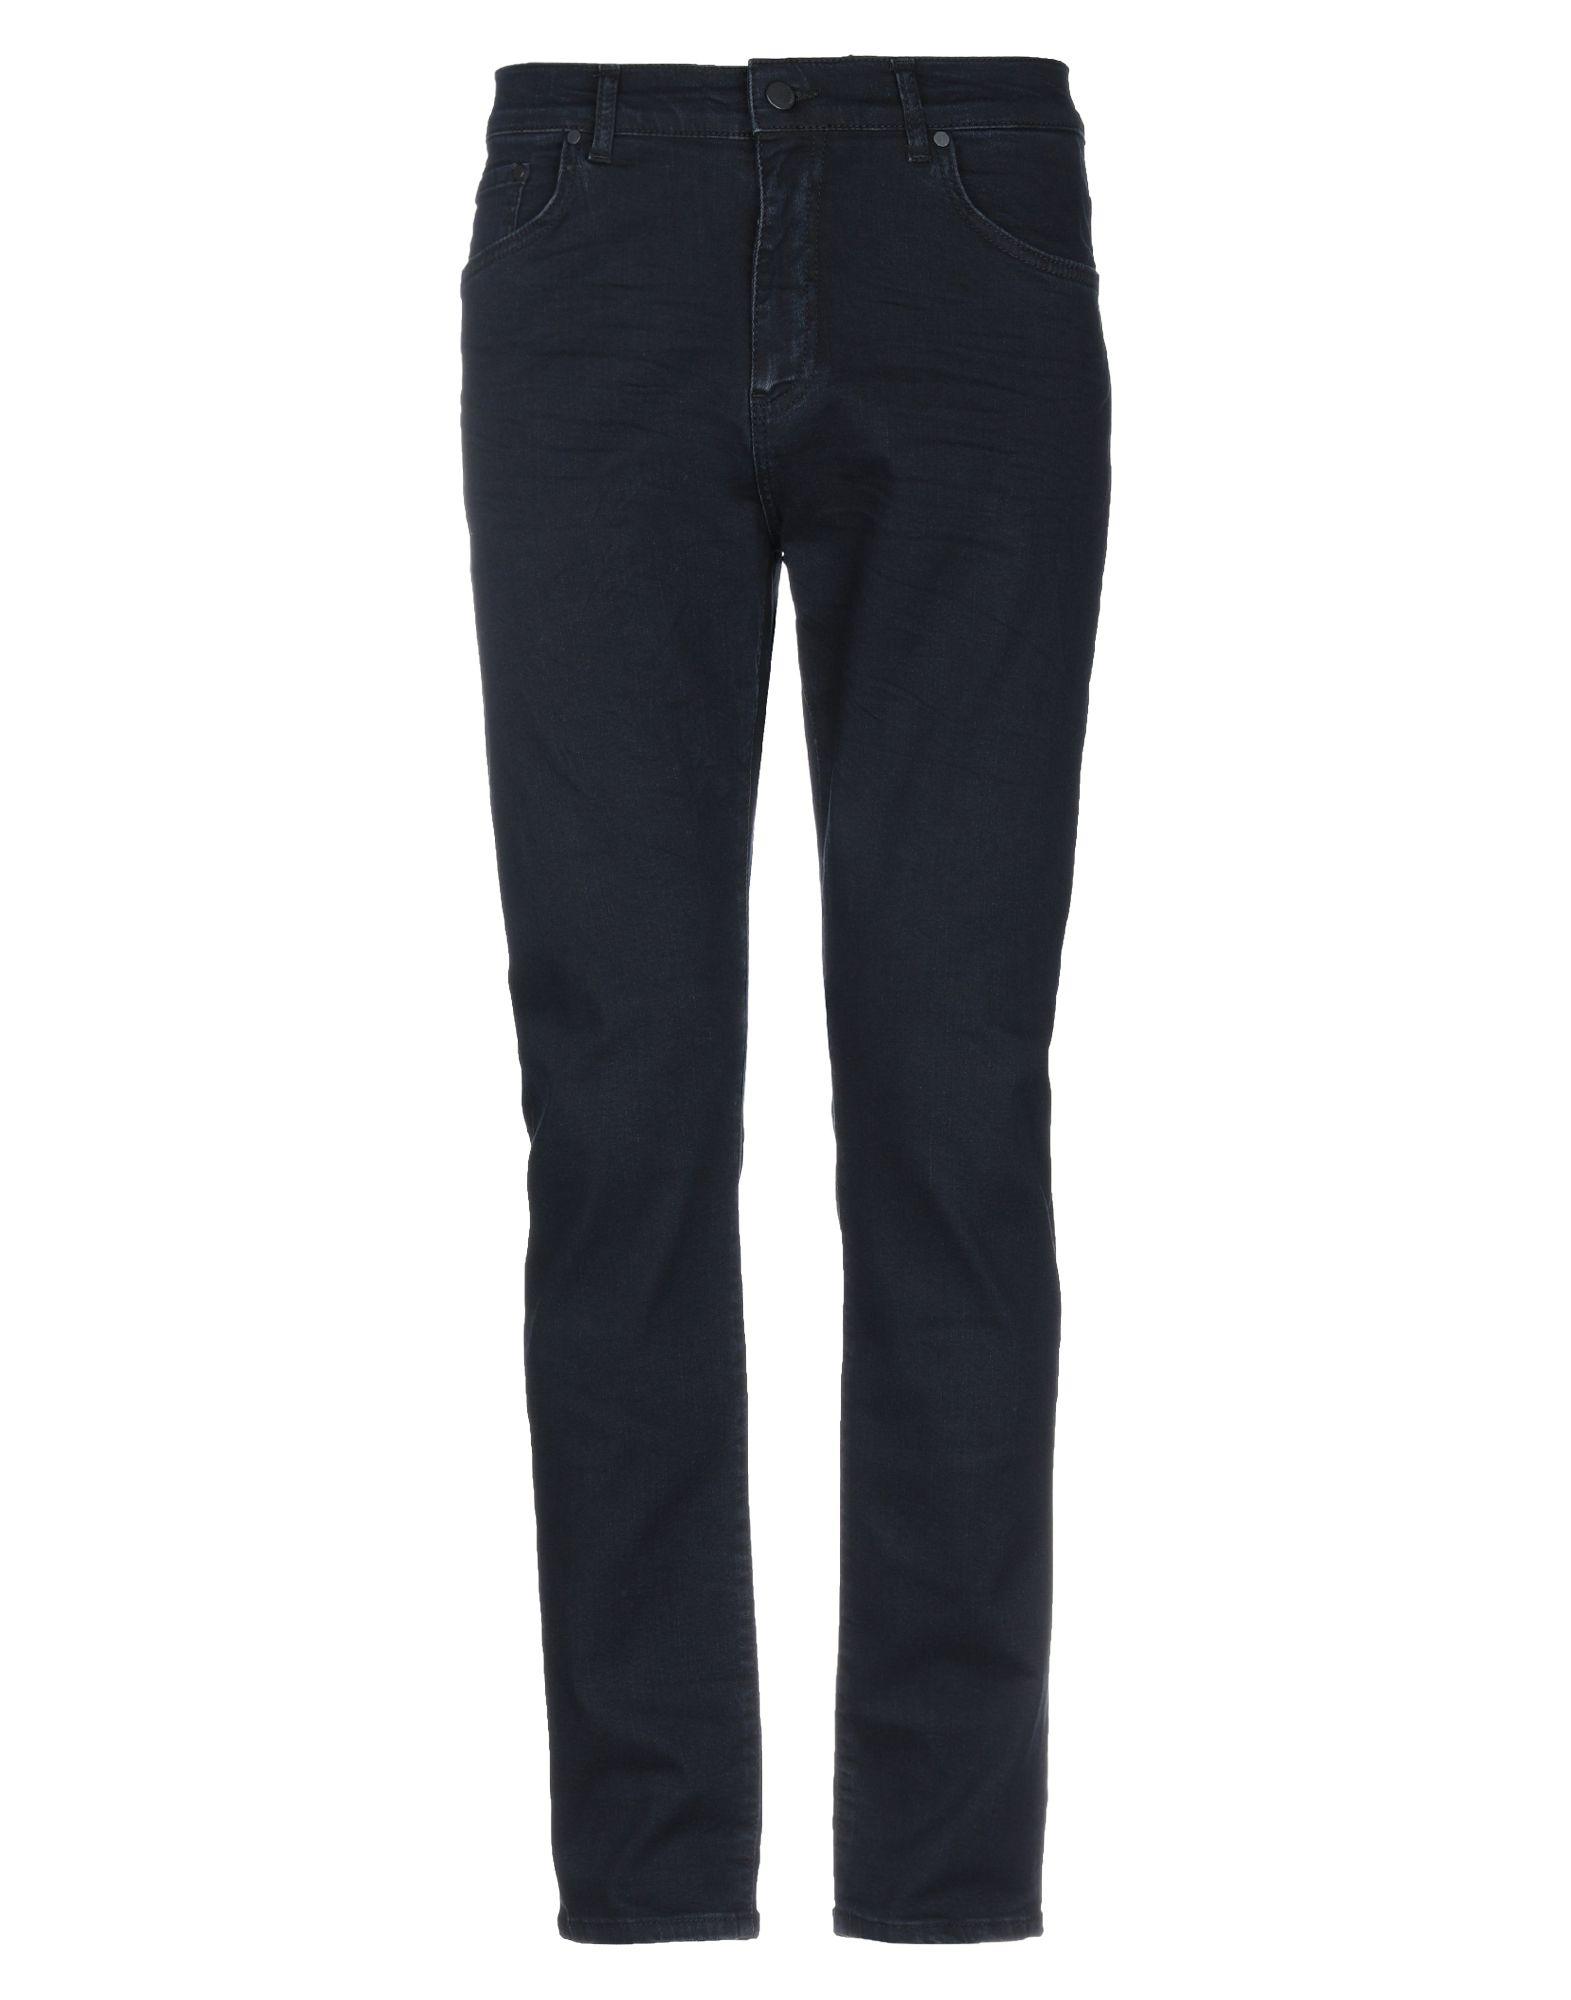 Фото - BRIAN DALES Джинсовые брюки brian dales джинсовые бермуды